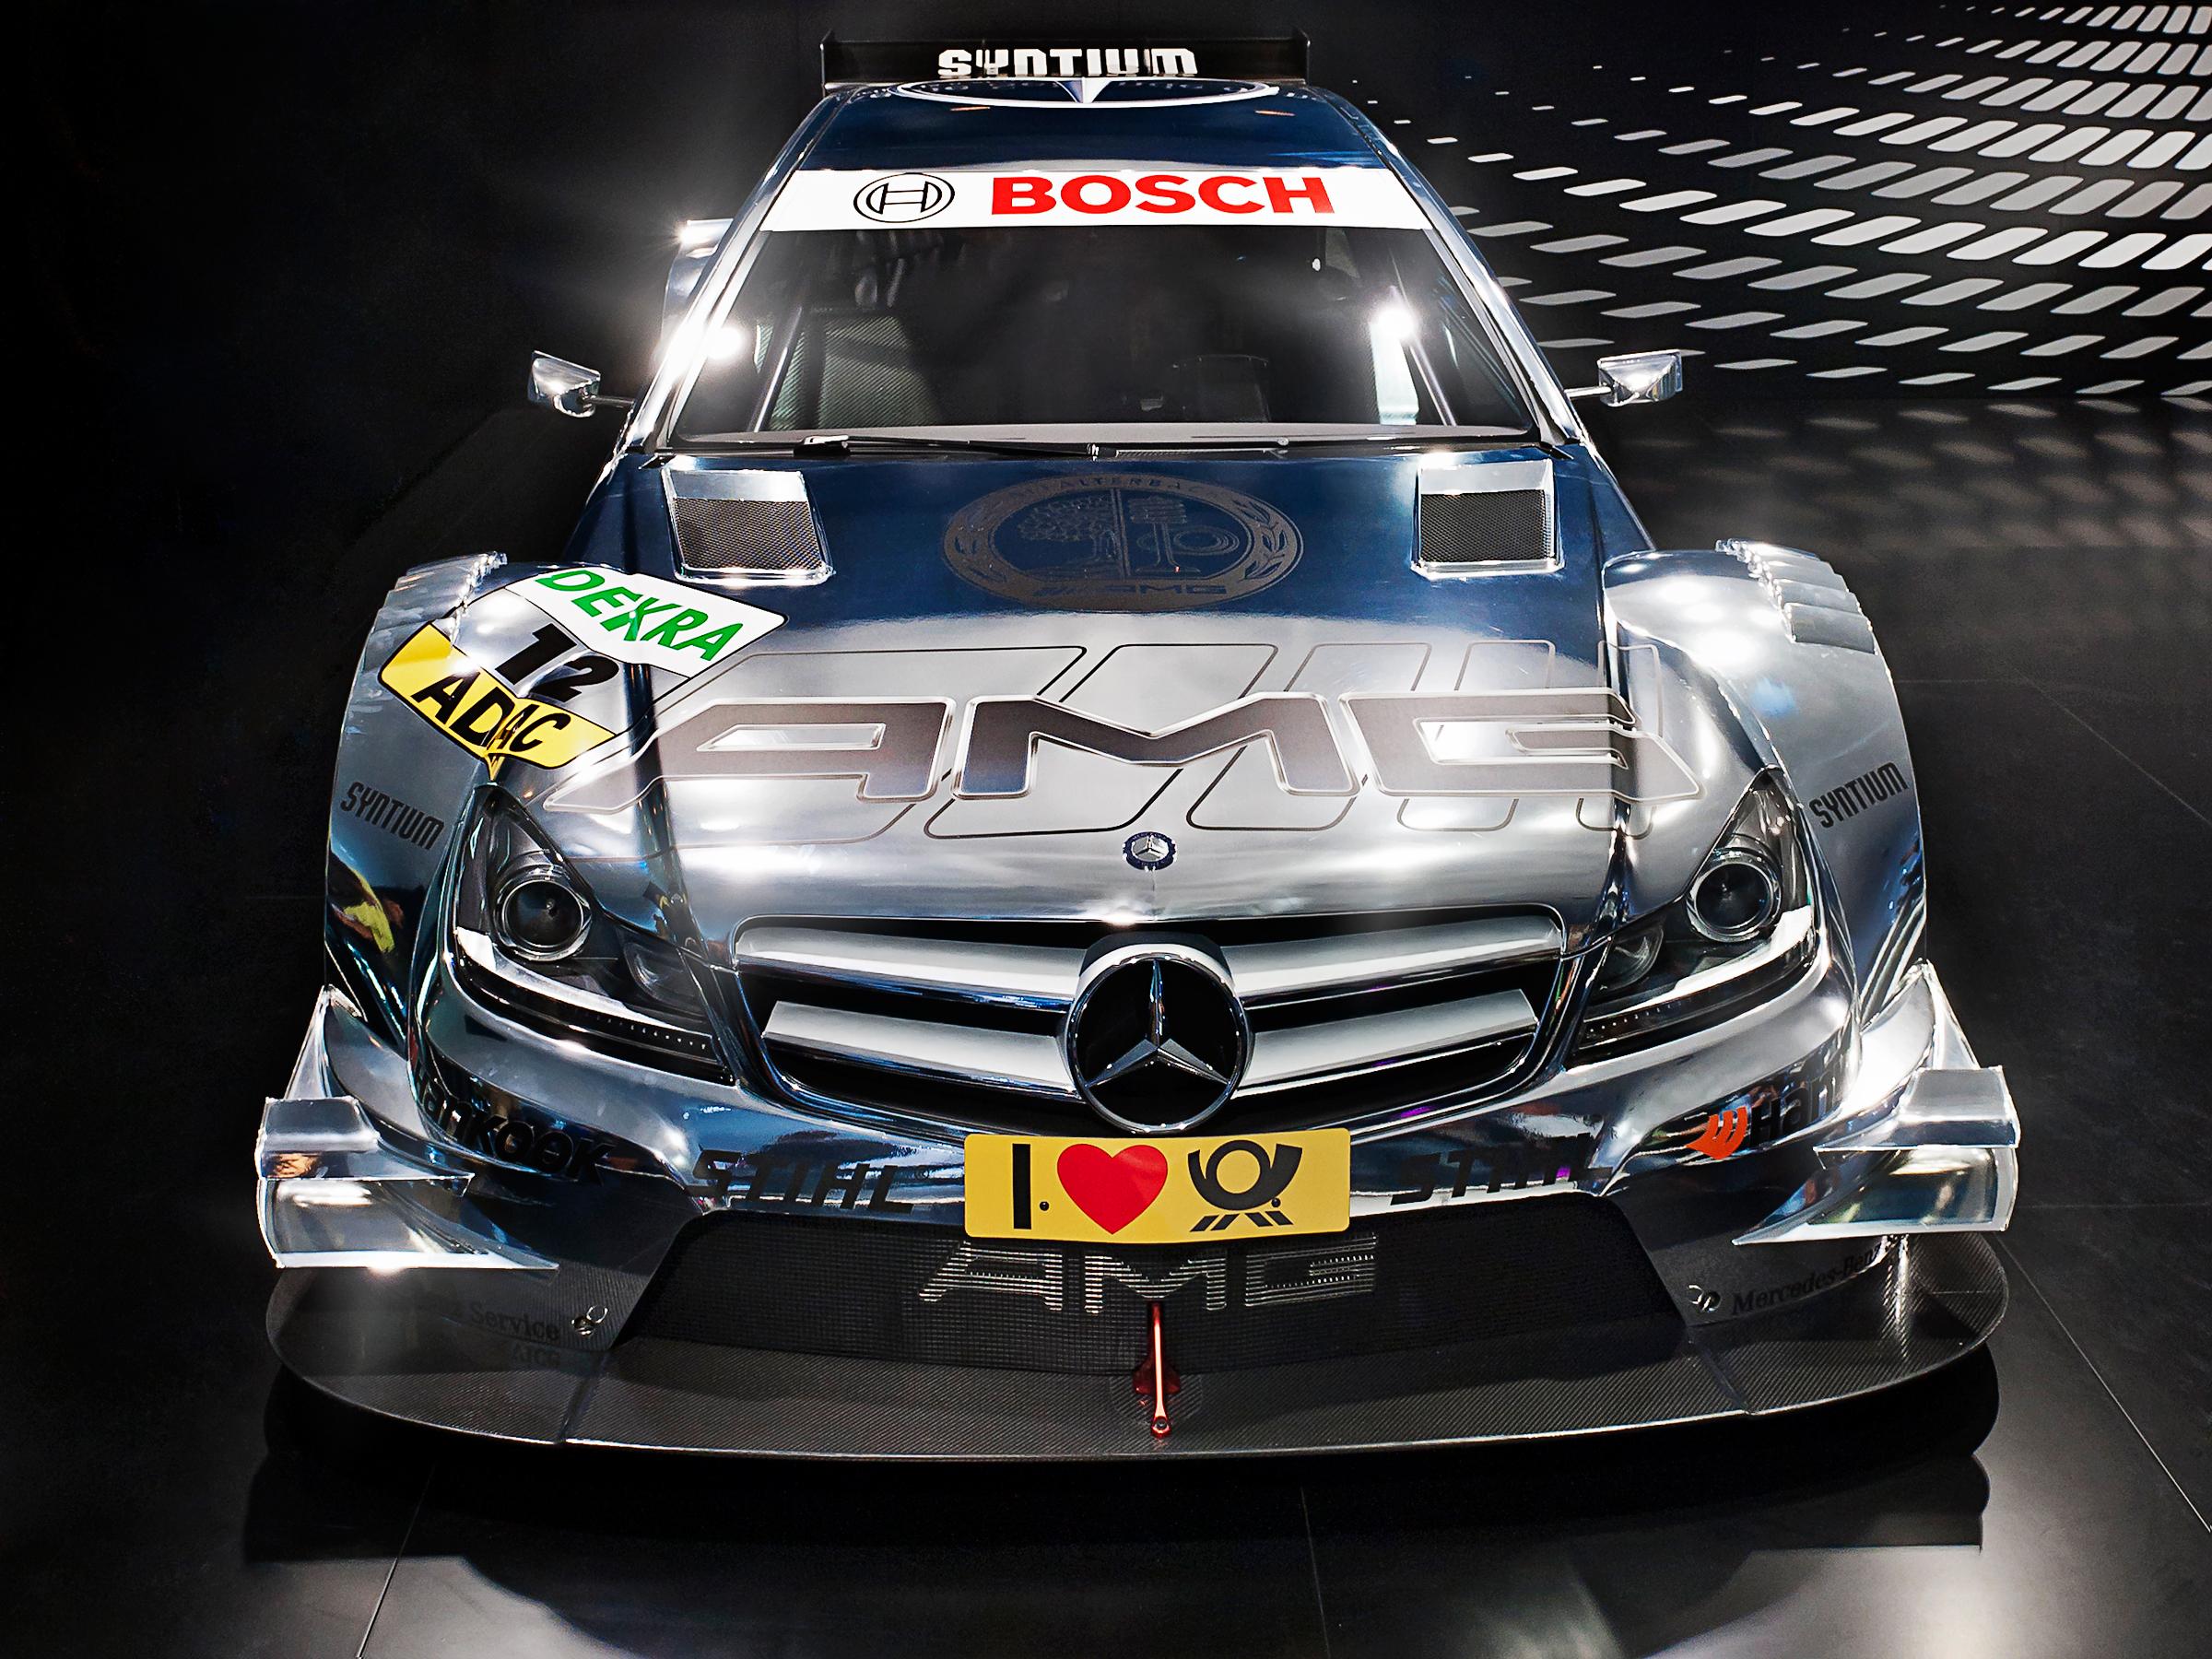 German Race Car Driver Red Bull